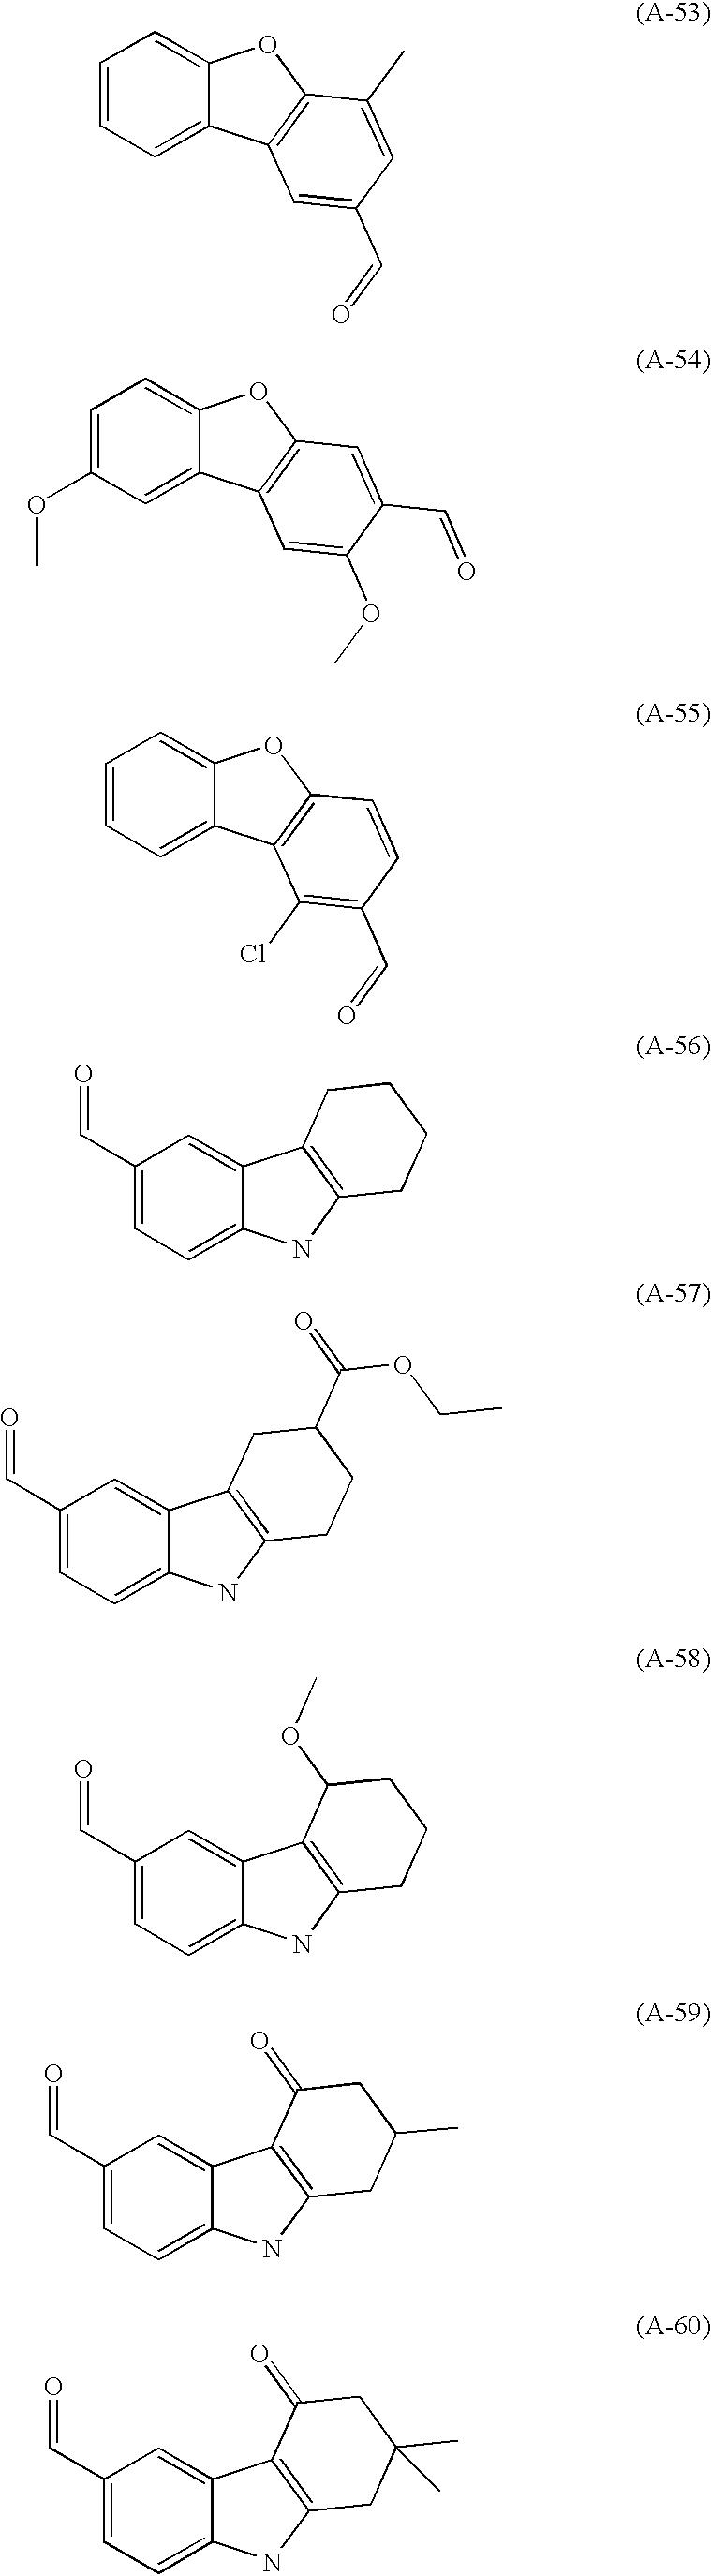 Figure US20030203901A1-20031030-C00025